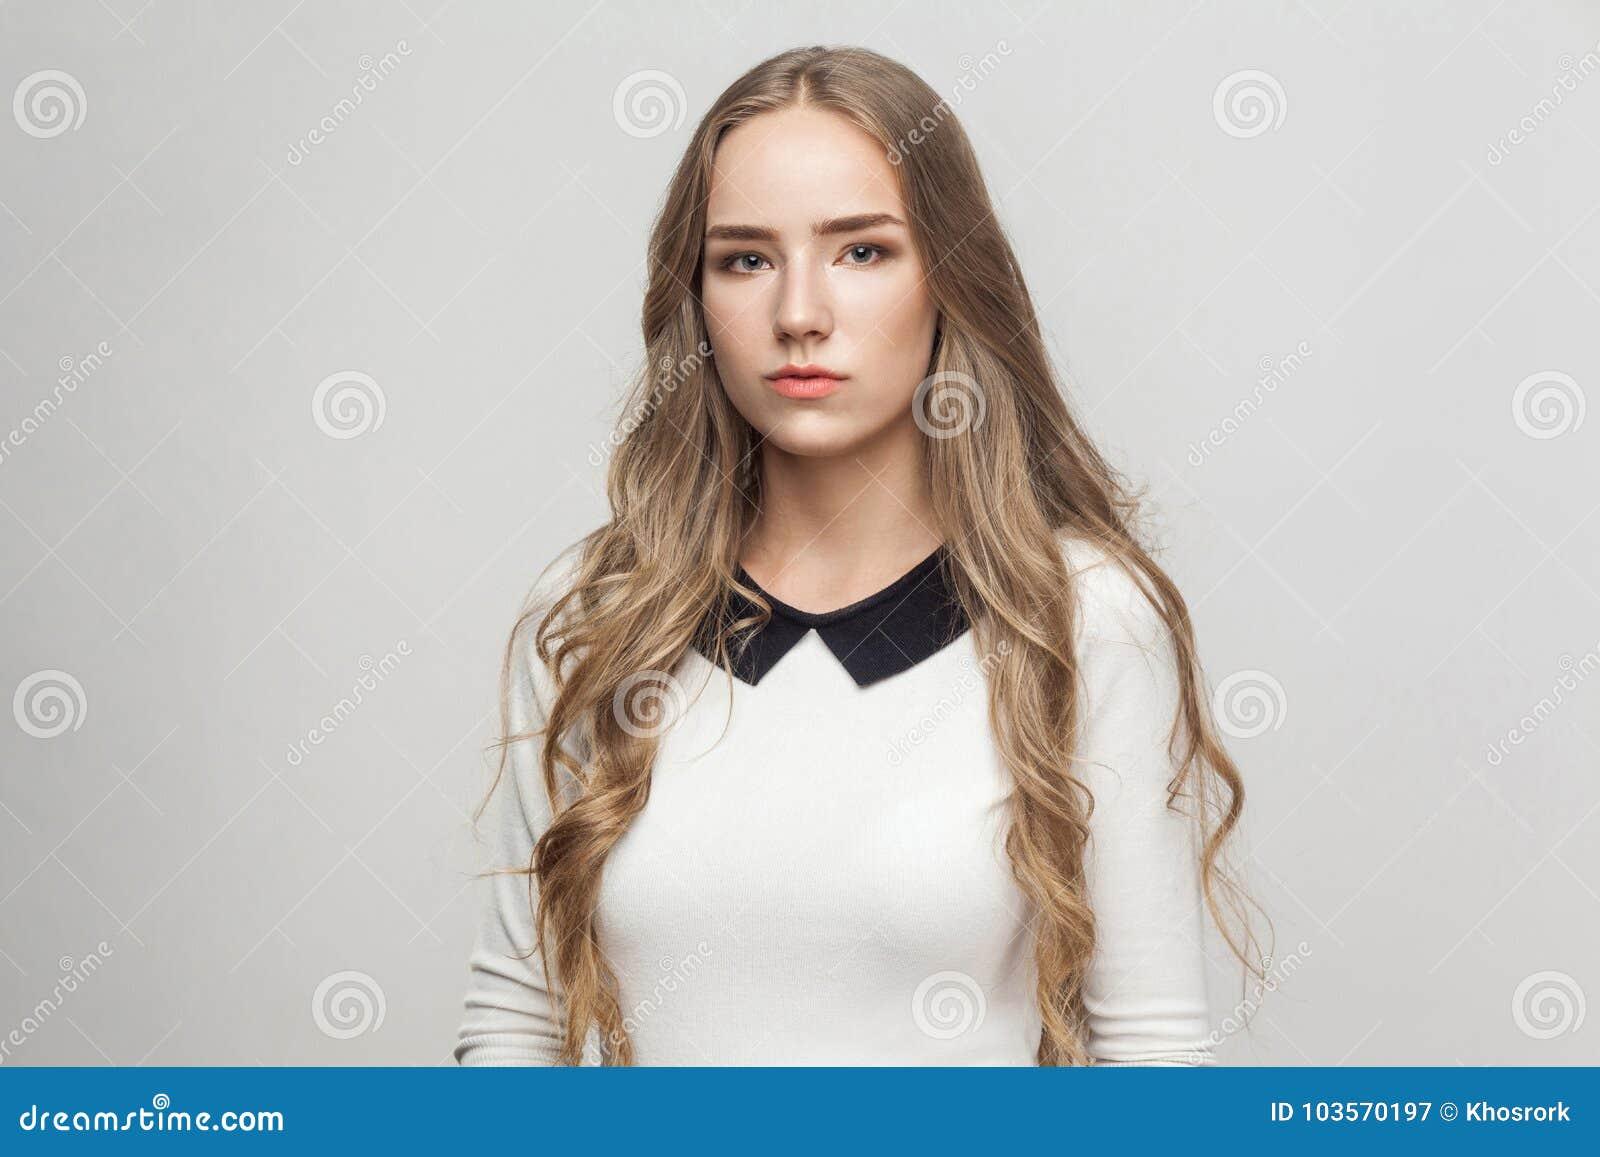 Unglückliches langhaariges schönes Mädchen des Porträts